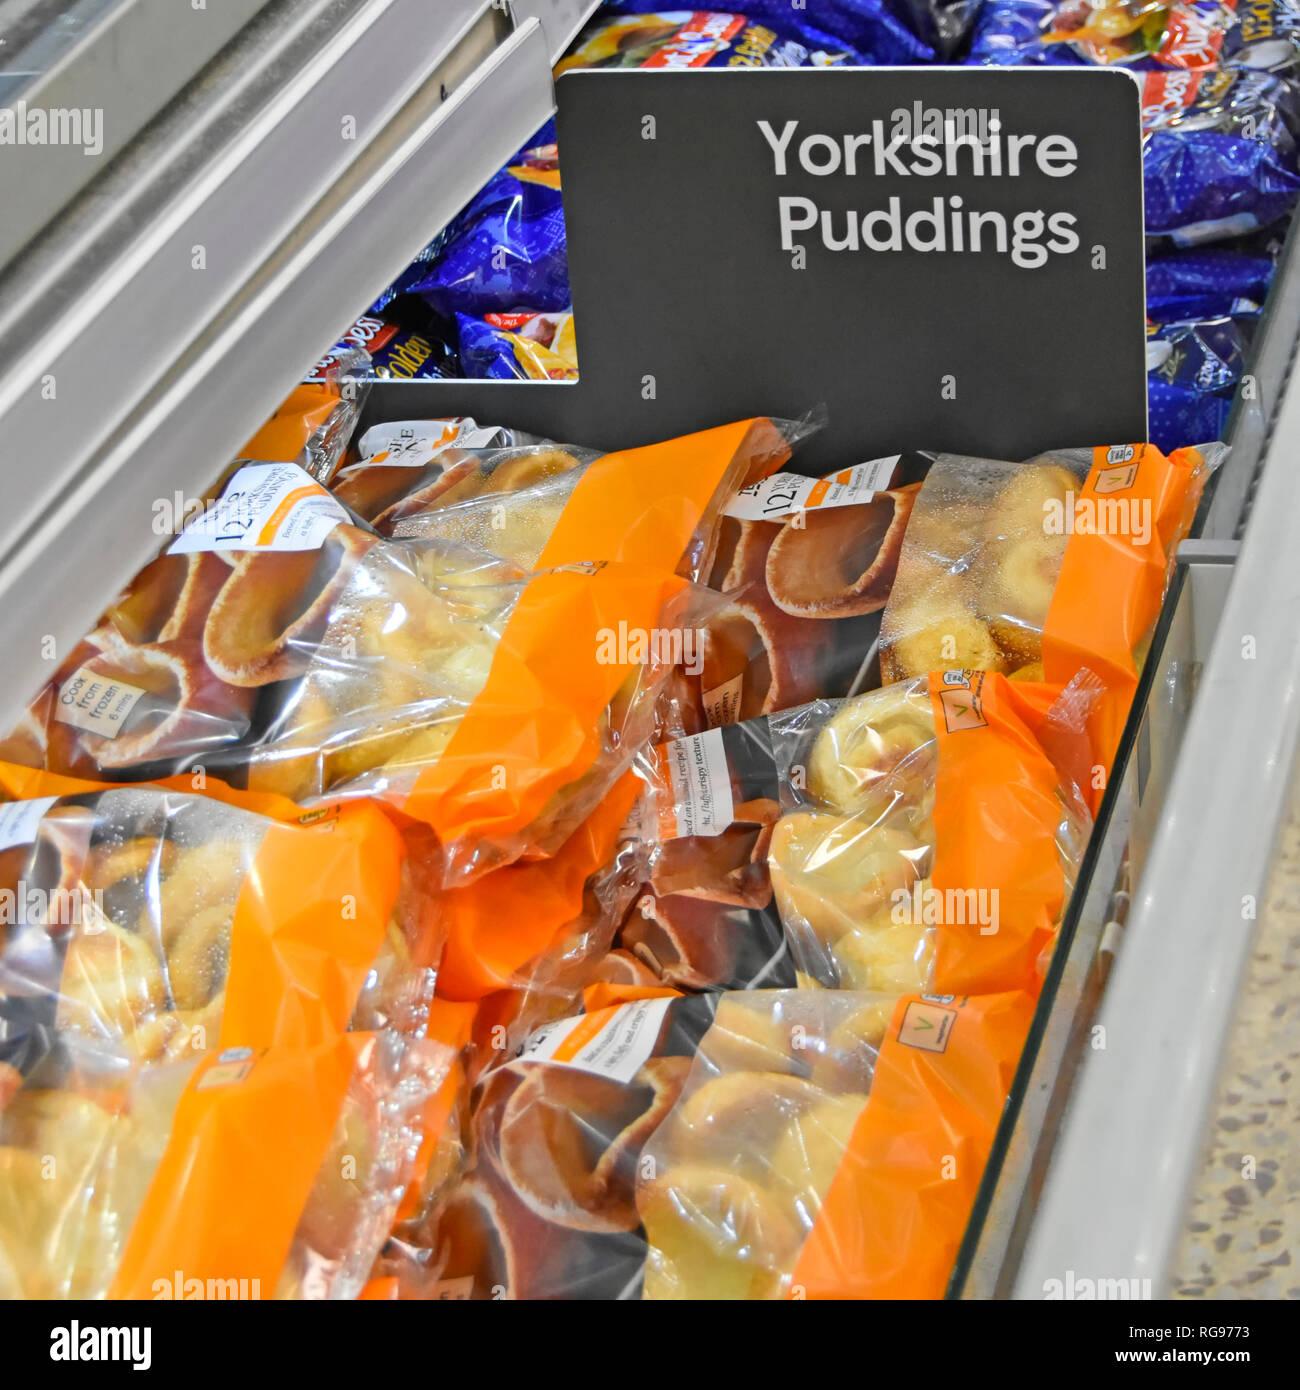 Close up of sign pour Yorkshire pudding à la vente dans le sac en plastique dans l'emballage des aliments surgelés en libre service magasin supermarché vitrine froide England UK Photo Stock